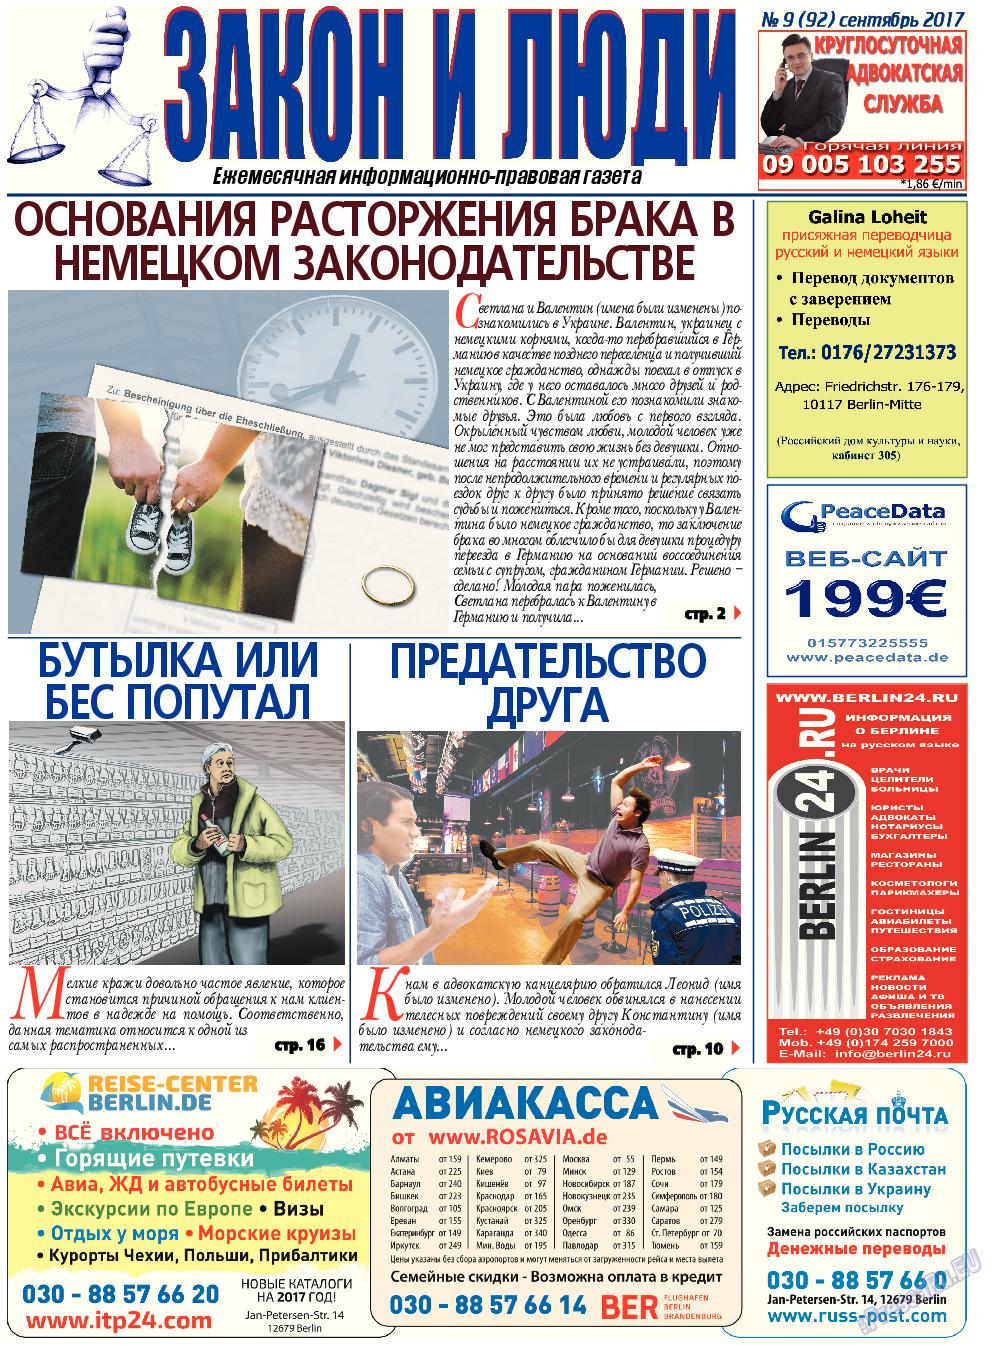 Закон и люди (газета). 2017 год, номер 9, стр. 1